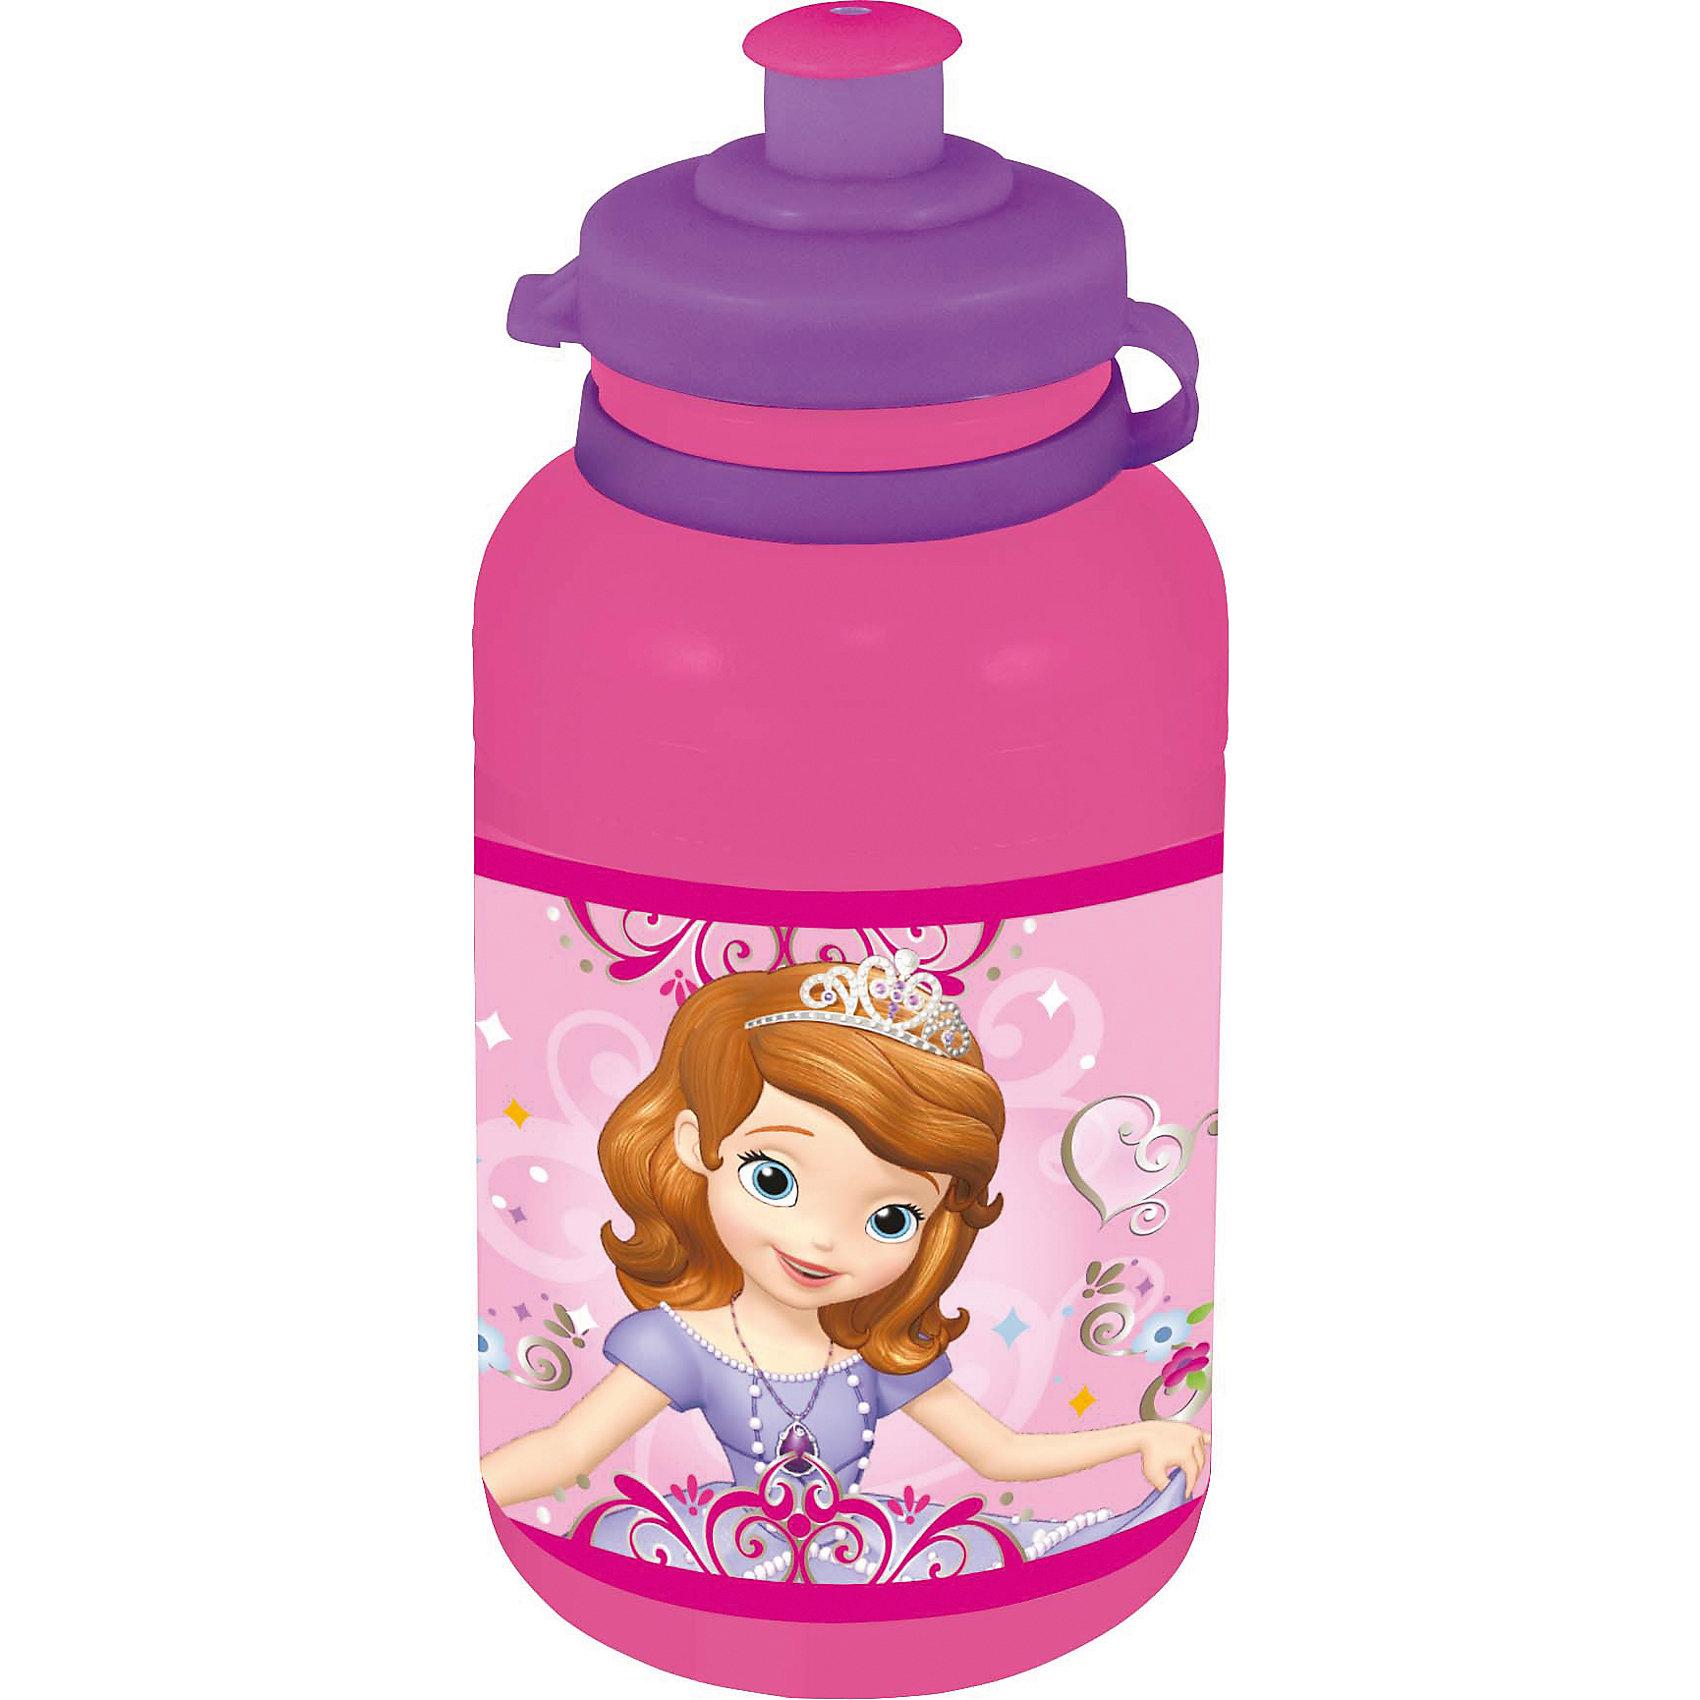 Бутылка пластиковая Принцесса София 400 млХарактеристики товара:<br><br>• материал: пластик<br>• украшена рисунком<br>• размер: 6,5х6,5х15 см<br>• вес: 40 г<br>• объем: 400 мл<br>• страна бренда: Испания<br>• страна производства: Китай<br><br>Такая бутылка станет отличным подарком для ребенка! Она отличается тем, что на предмете изображены персонажи из мультфильма Принцесса София. Есть или пить из предметов с любимым героем многих современных детей - всегда приятнее. Бутылочка очень удобна, объем оптимален для детей, сюда как раз вместится необходимый для одной тренировки объем воды. Плюс - изделие дополнено специальной крышкой. Использовать его можно и в школе, и на улице!<br>Бутылка выпущена в удобном формате, размер - универсальный. Изделие производится из качественных и проверенных материалов, которые безопасны для детей.<br><br>Бутылку пластиковую Принцесса София 400 мл можно купить в нашем интернет-магазине.<br><br>Ширина мм: 65<br>Глубина мм: 65<br>Высота мм: 150<br>Вес г: 40<br>Возраст от месяцев: 36<br>Возраст до месяцев: 108<br>Пол: Женский<br>Возраст: Детский<br>SKU: 5282072